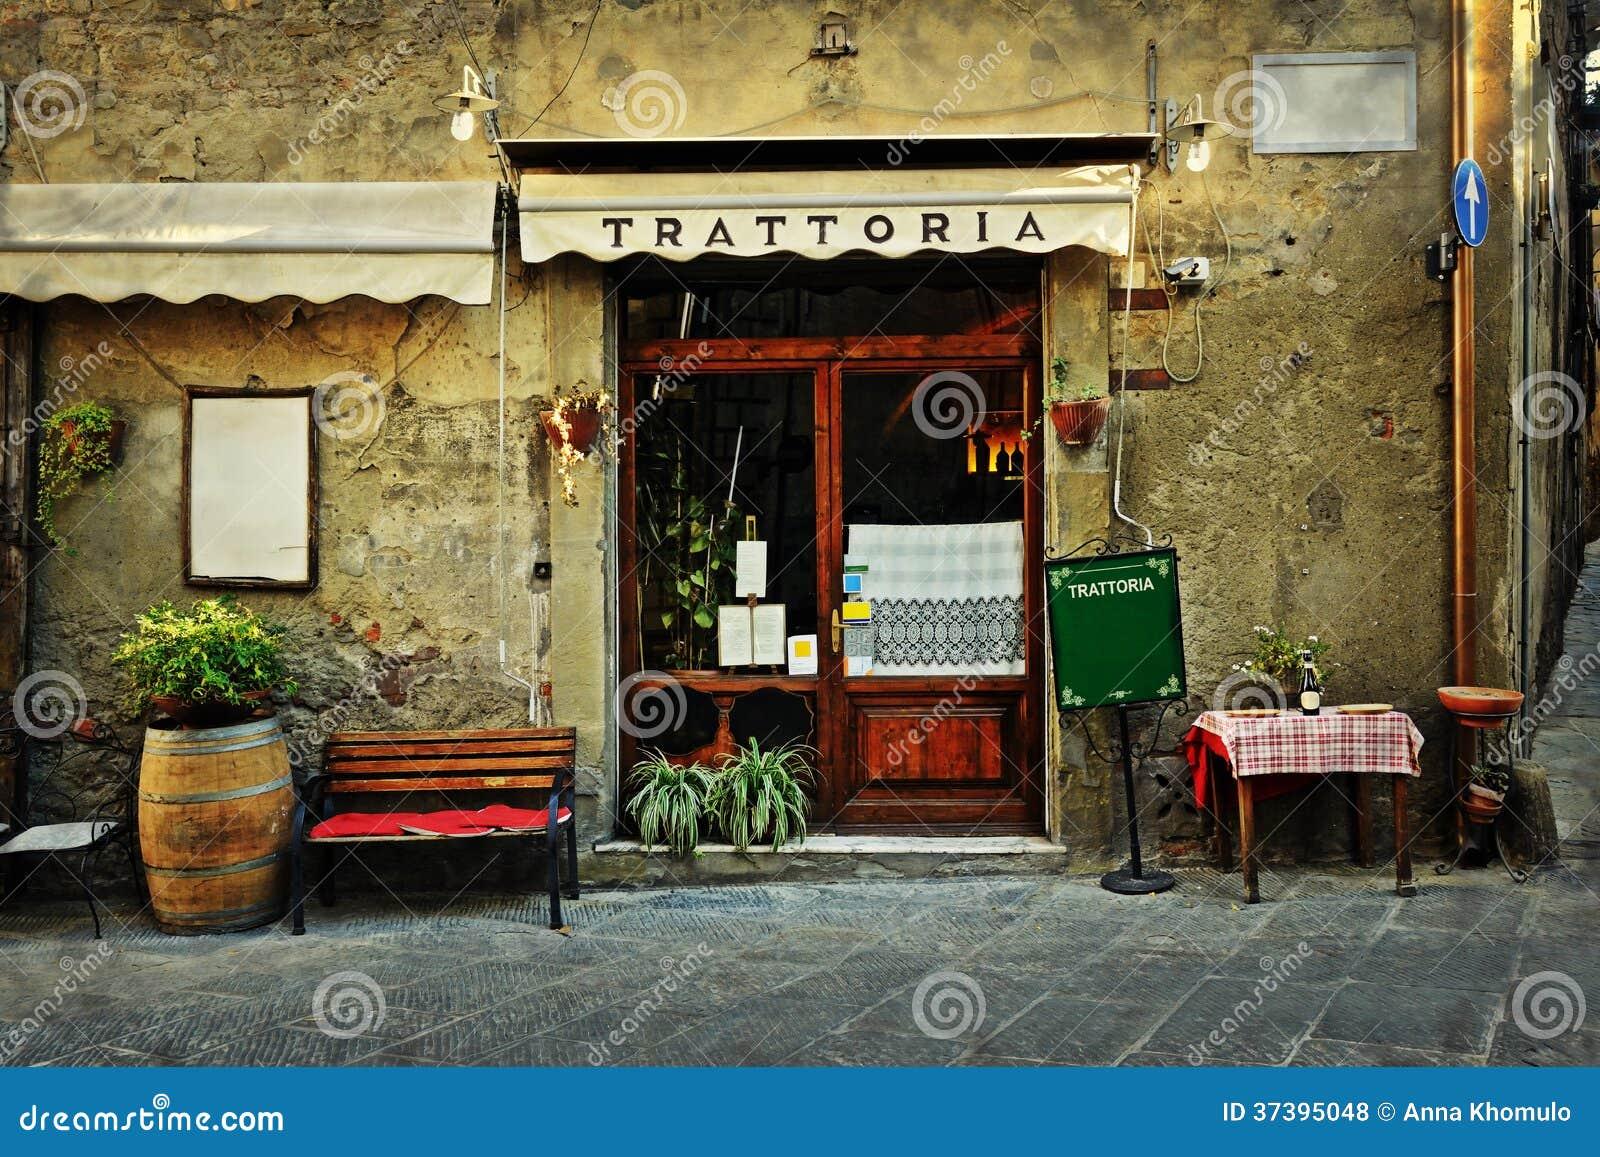 italienisches restaurant stockfoto bild von geb ude. Black Bedroom Furniture Sets. Home Design Ideas